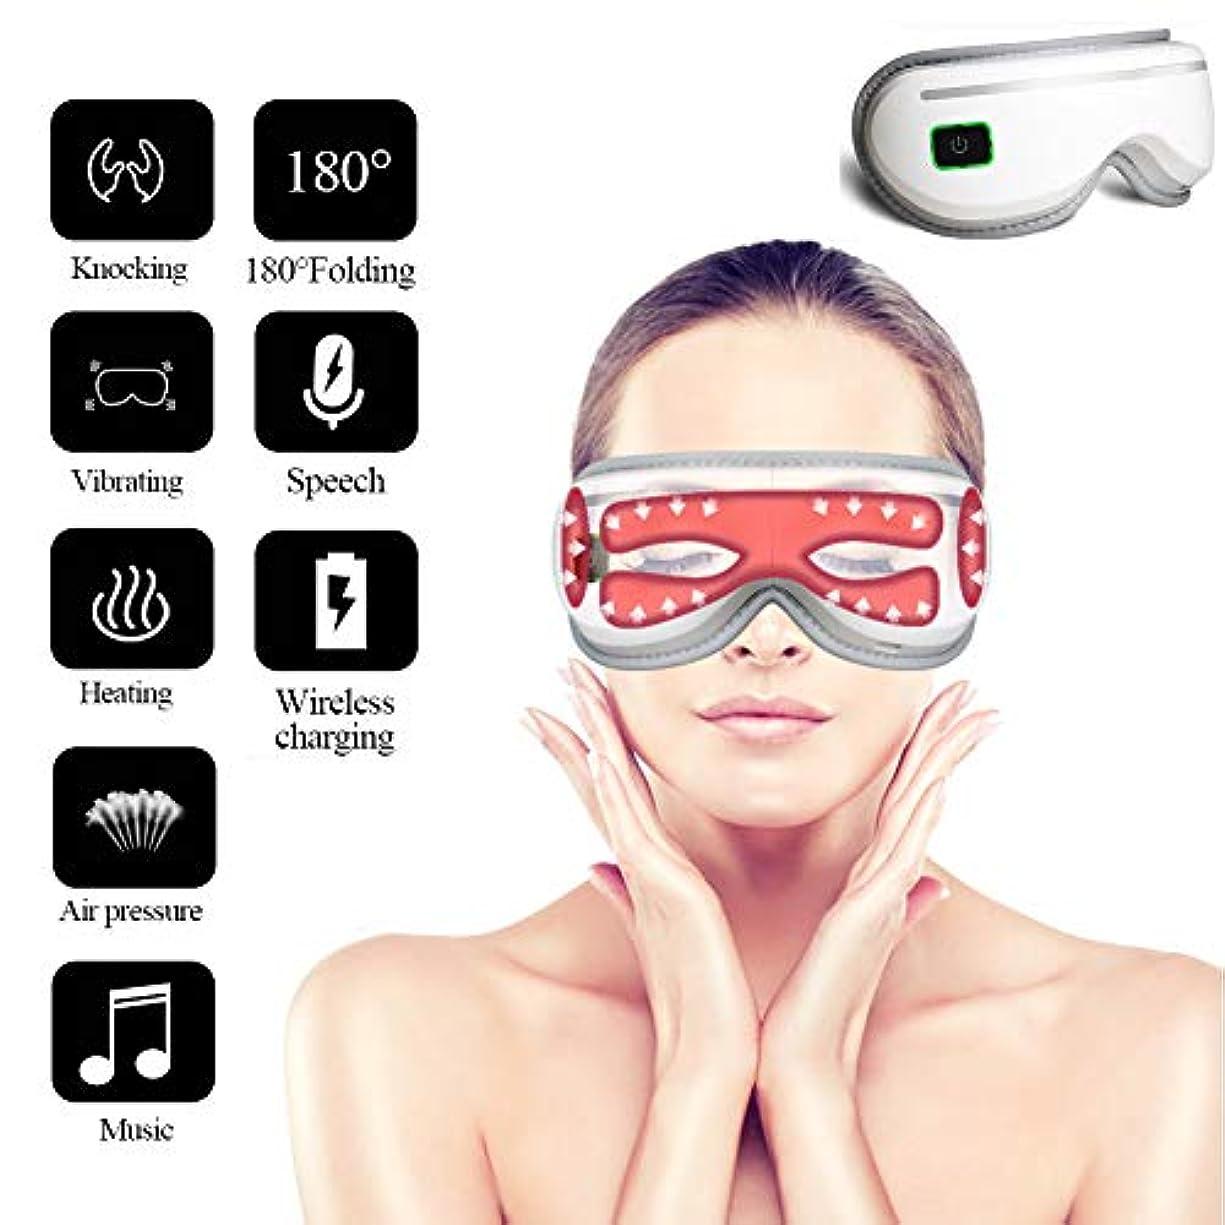 予測する輸血脈拍電動アイマッサージマスク音楽頭痛ストレスリリーフ折り畳み式マシンのための3つのモードでリラックス空気圧、熱圧縮、振動マッサージ、ウォシュレットギフト